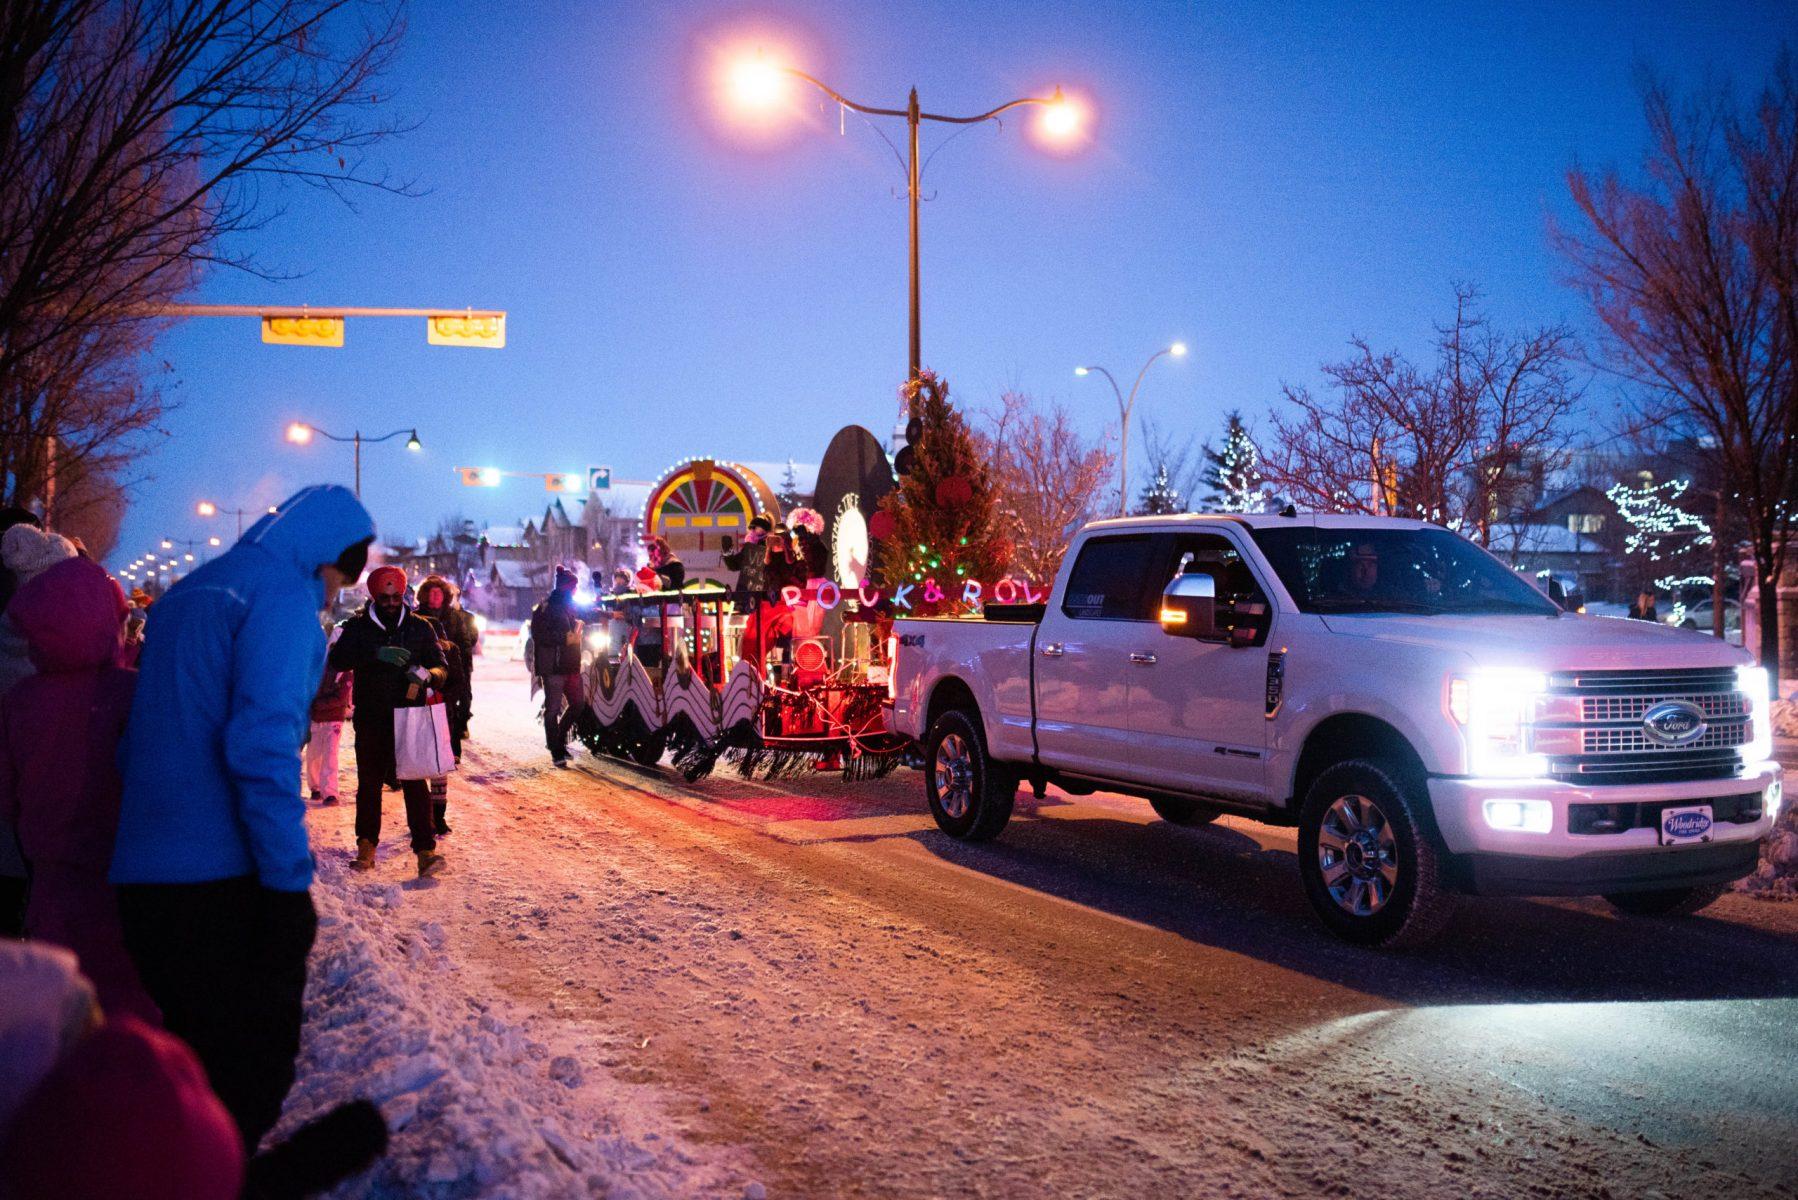 Auburn-Bay-Christmas-Parade-2019-85-scaled